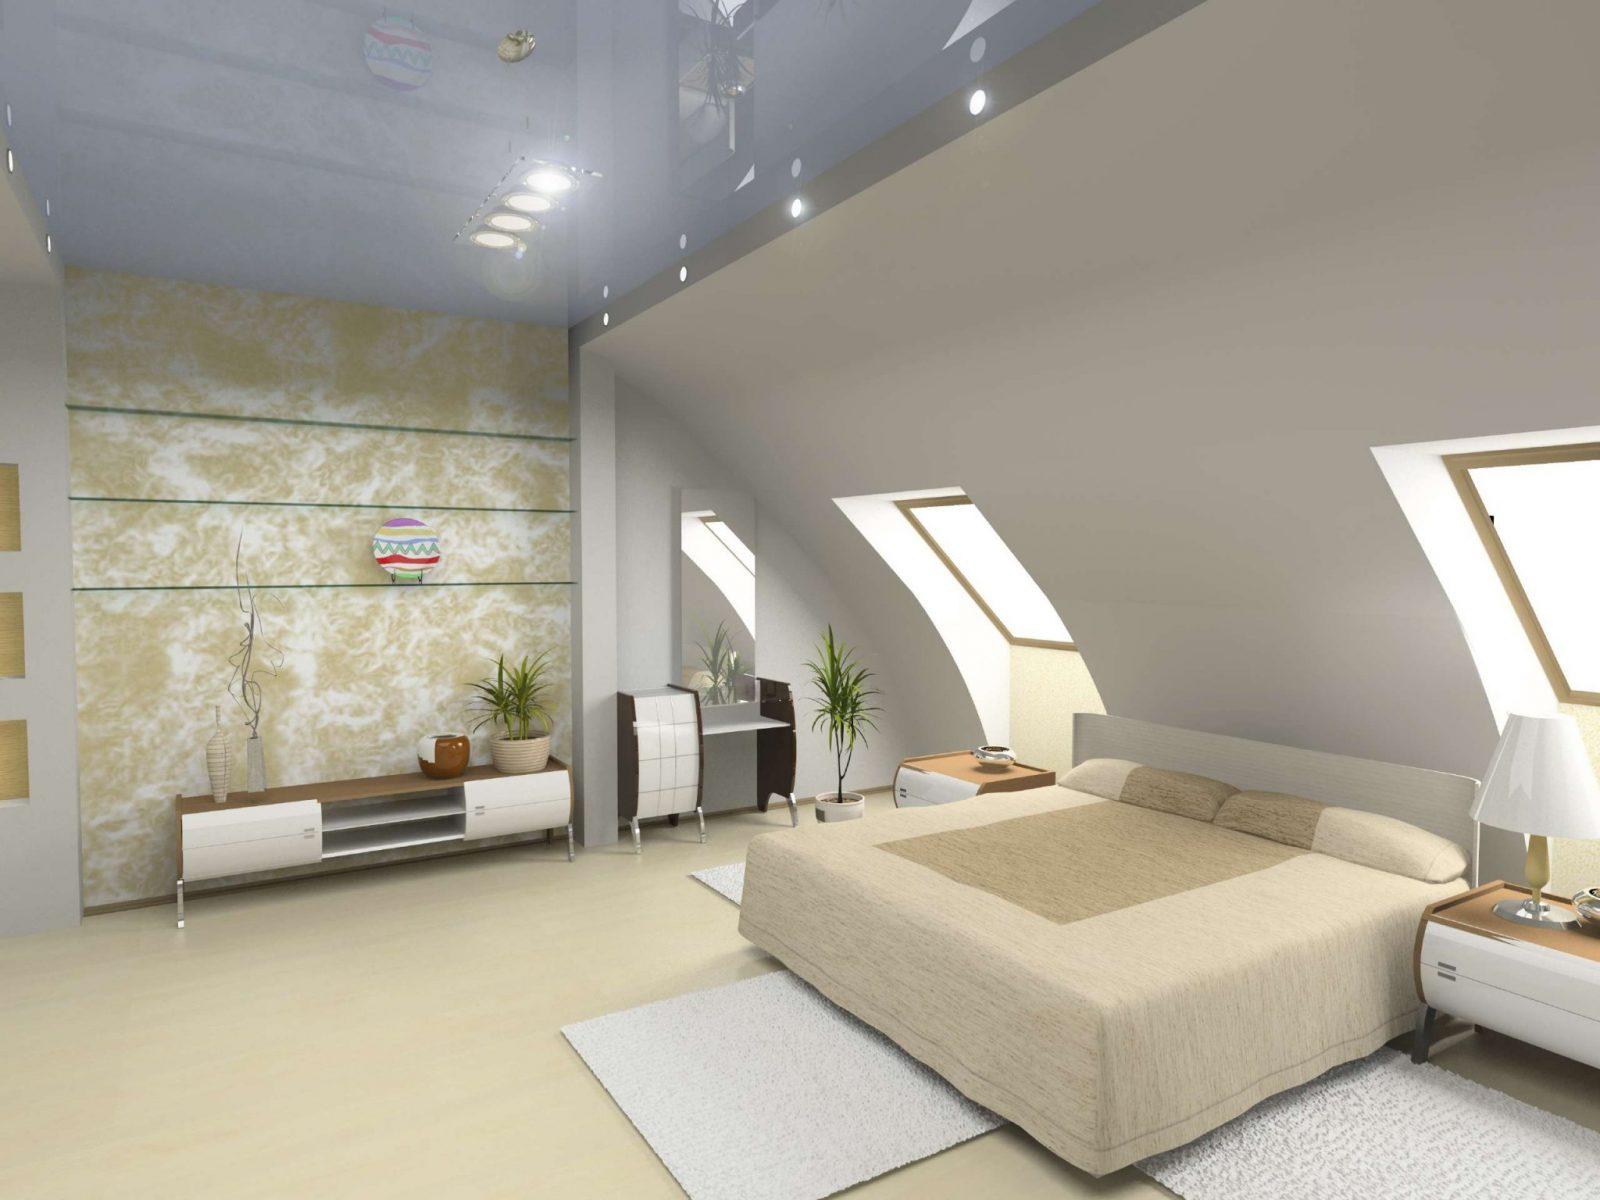 Bett Platzieren  Dachschräge Im Schlafzimmer von Bilder Für Schräge Wände Bild